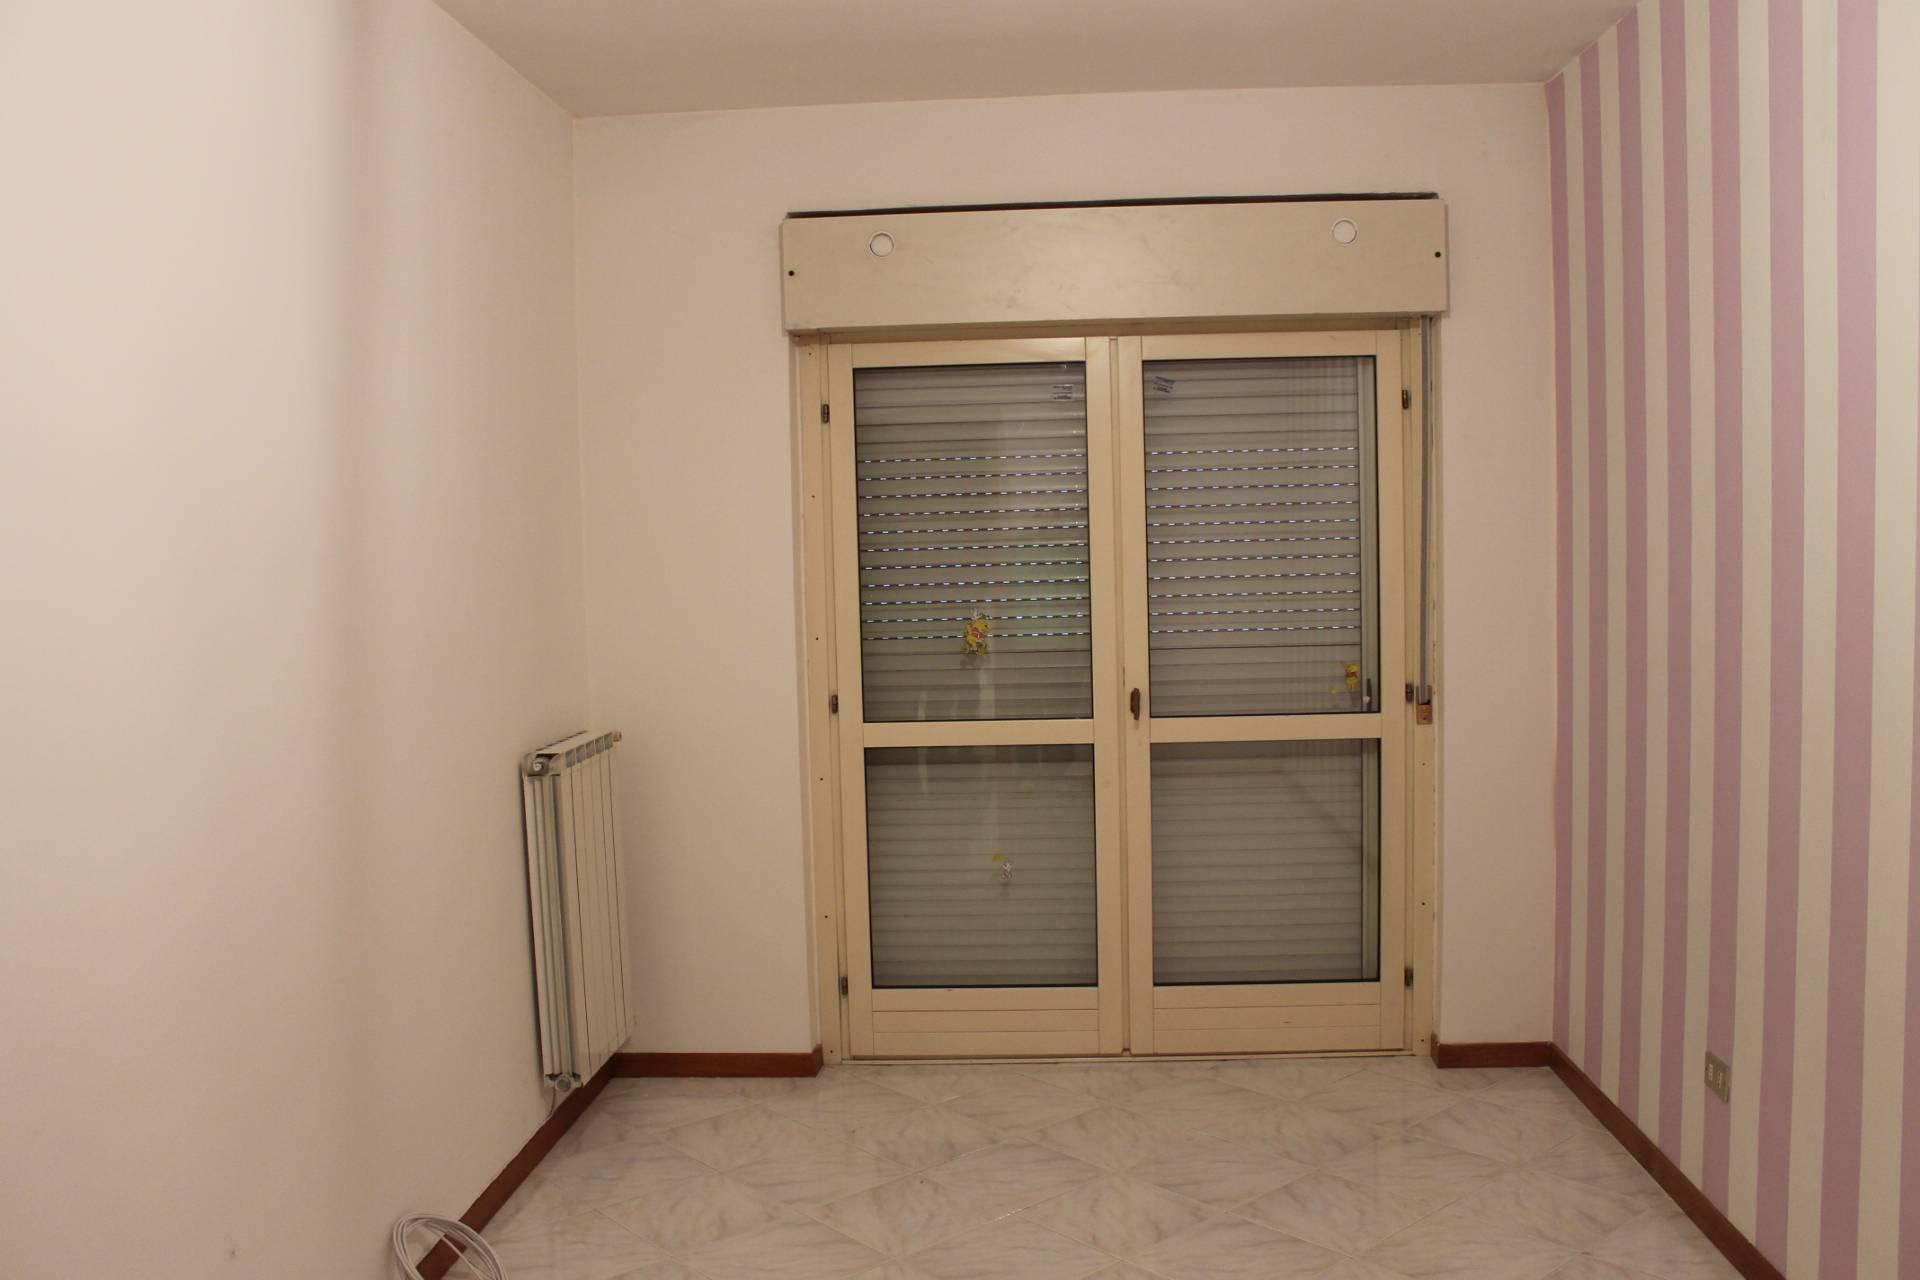 Appartamento in vendita a Cassino, 8 locali, Trattative riservate | CambioCasa.it